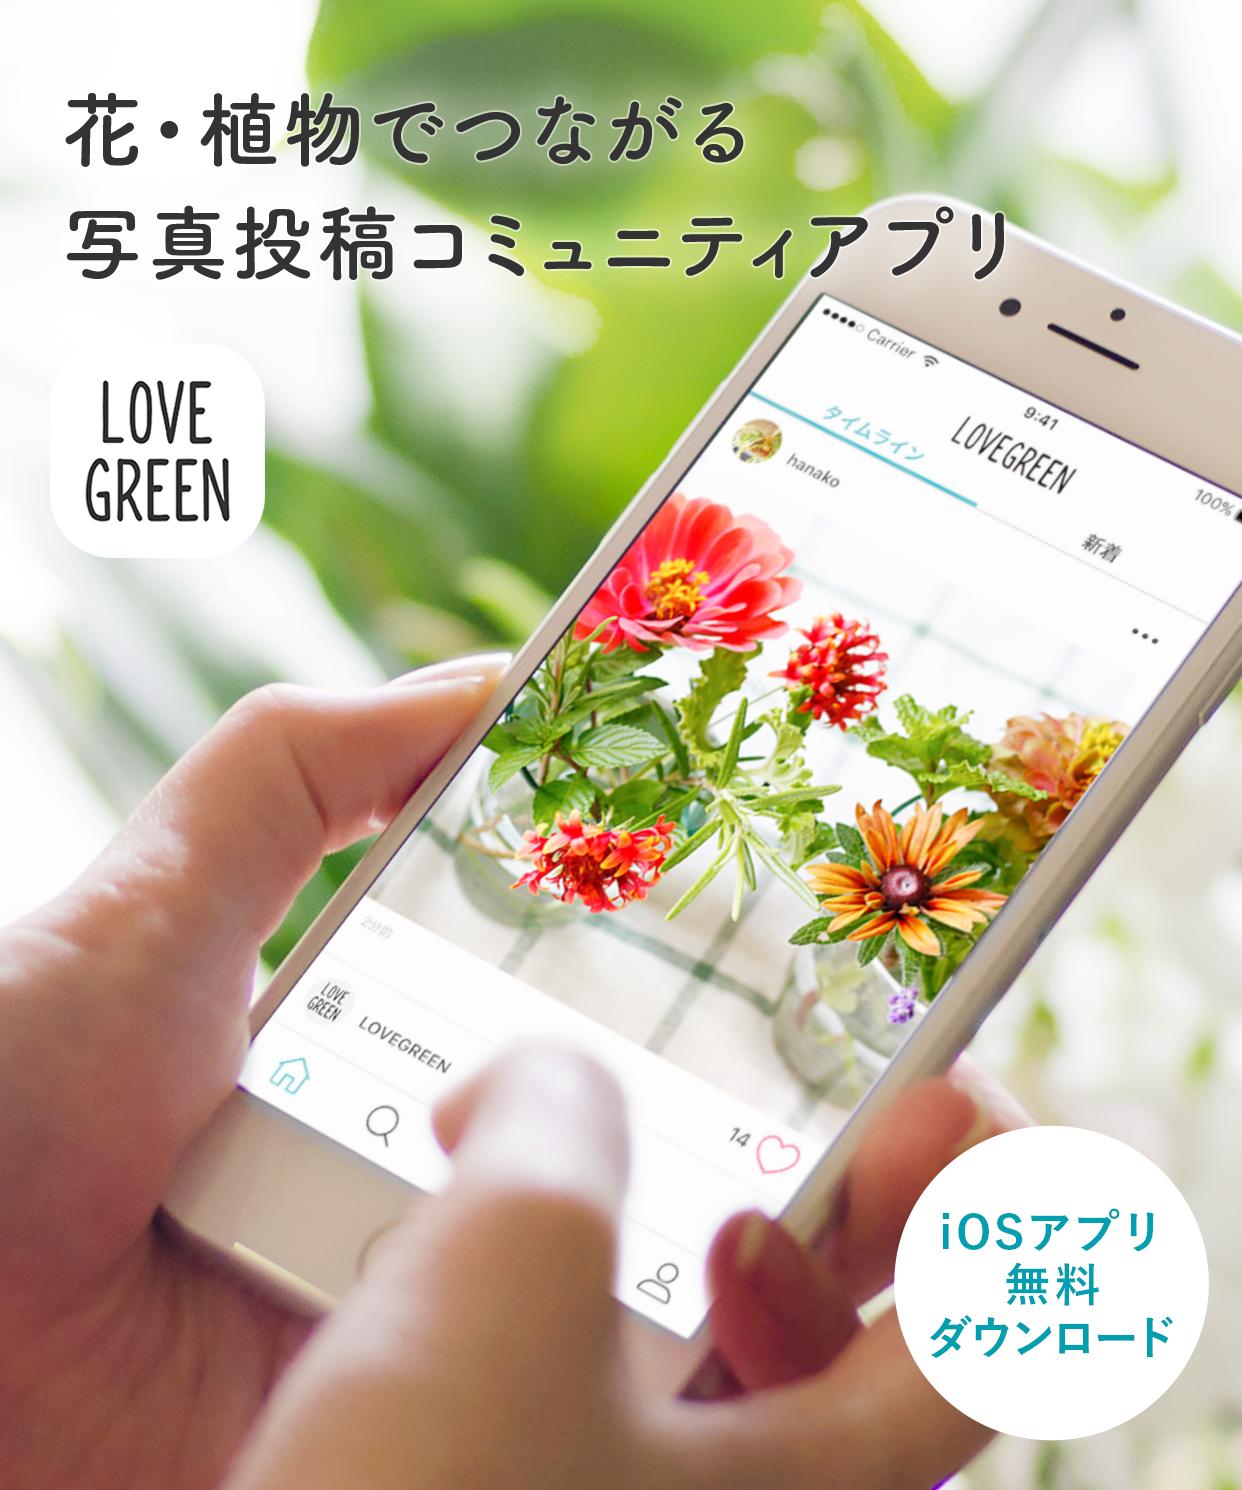 花・植物でつながる 写真投稿コミュニティアプリ